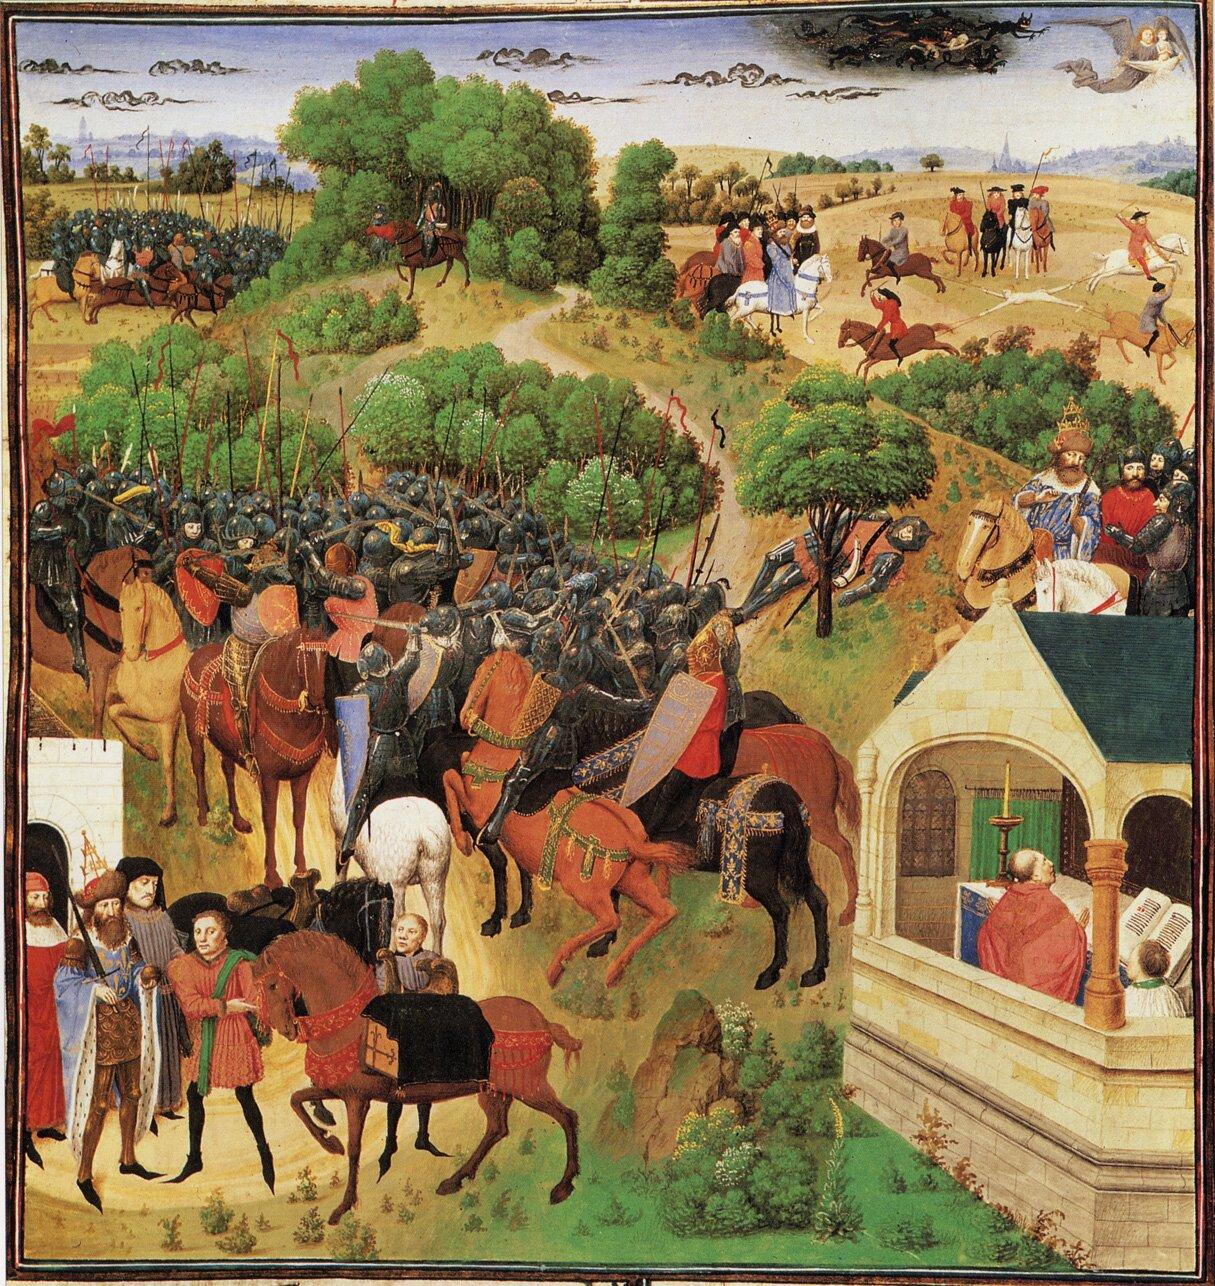 Osiem scen zPieśni oRolandzie, [w:] Wielkie Kroniki Francji Osiem scen zPieśni oRolandzie, [w:] Wielkie Kroniki Francji Źródło: poł. XV wieku, domena publiczna.